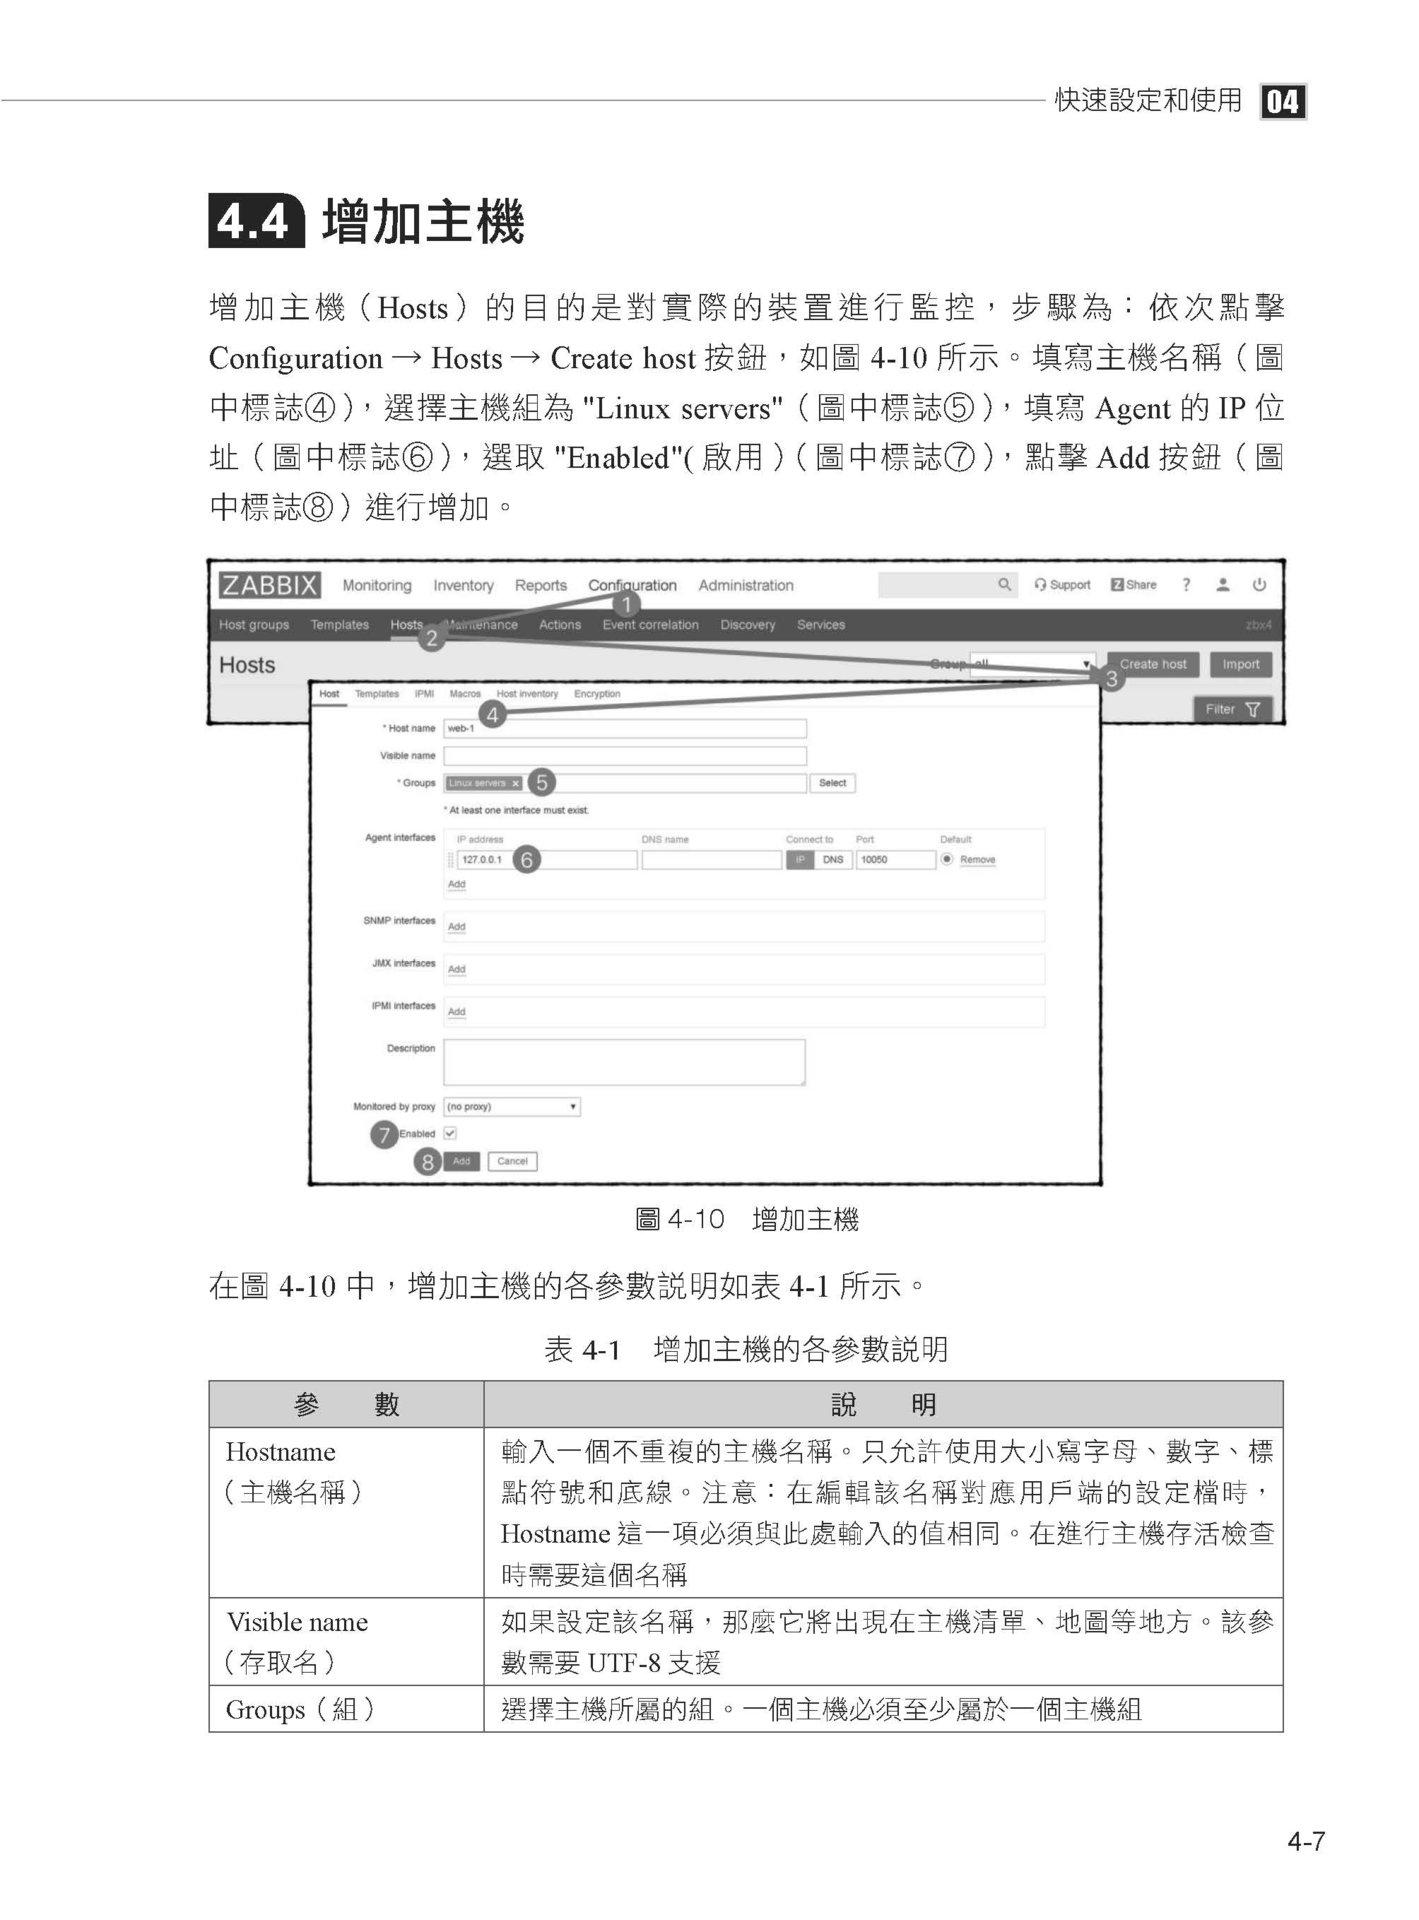 下世代超前佈署:用 Zabbix 全面監管巨量伺服器-preview-4